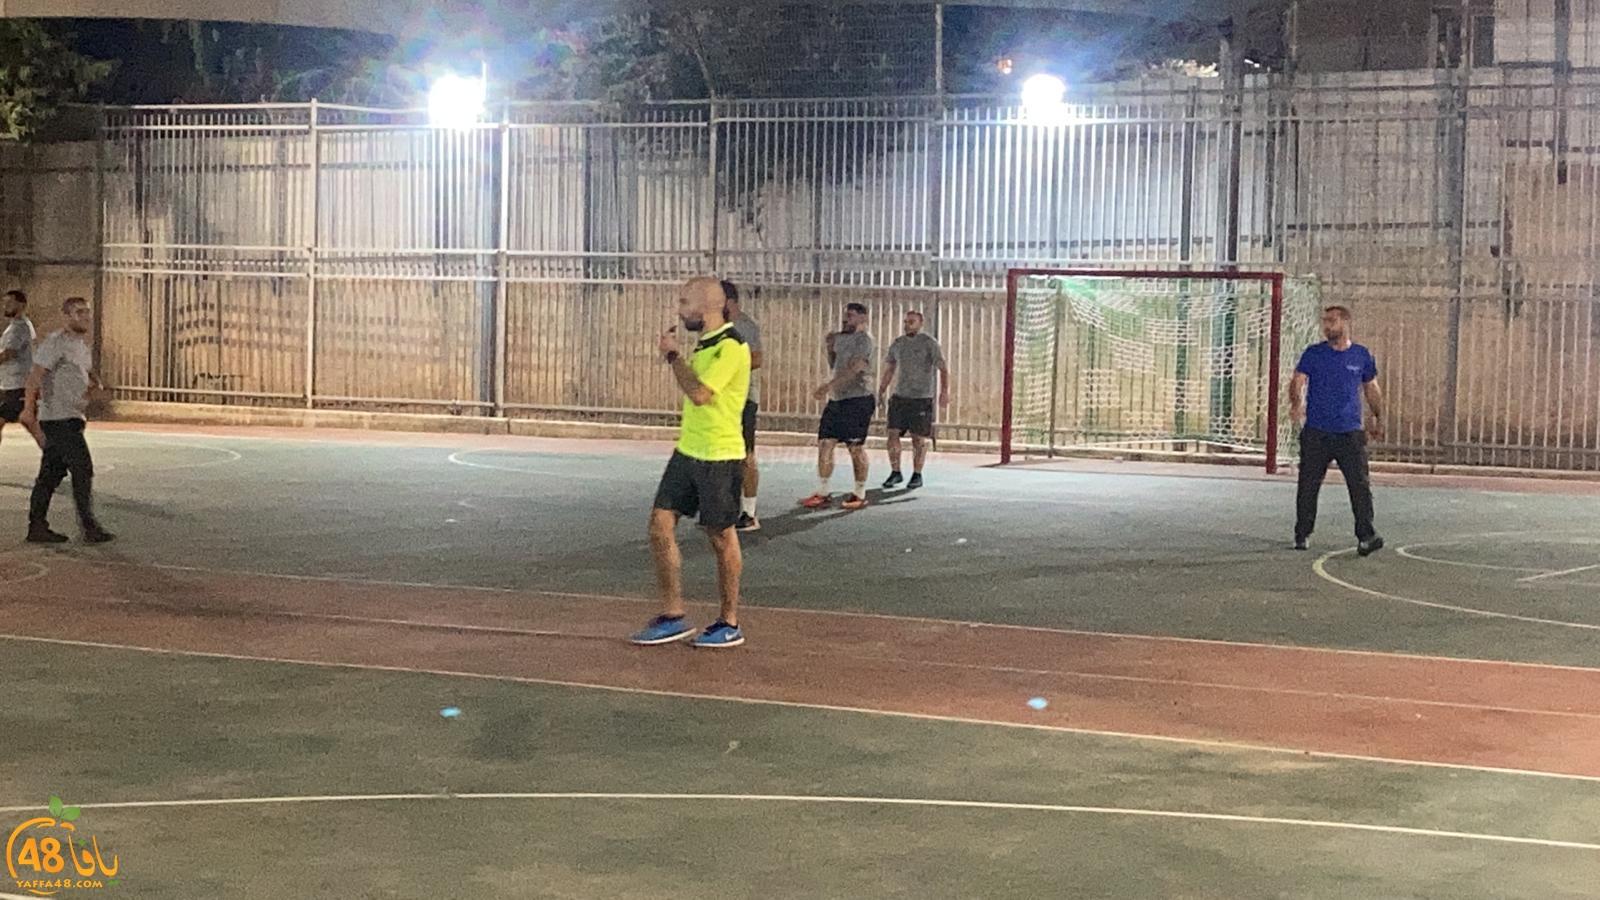 فريق حمص أبو حسن يفوز على فريق حمص أصلي ببطولة ييفت 83